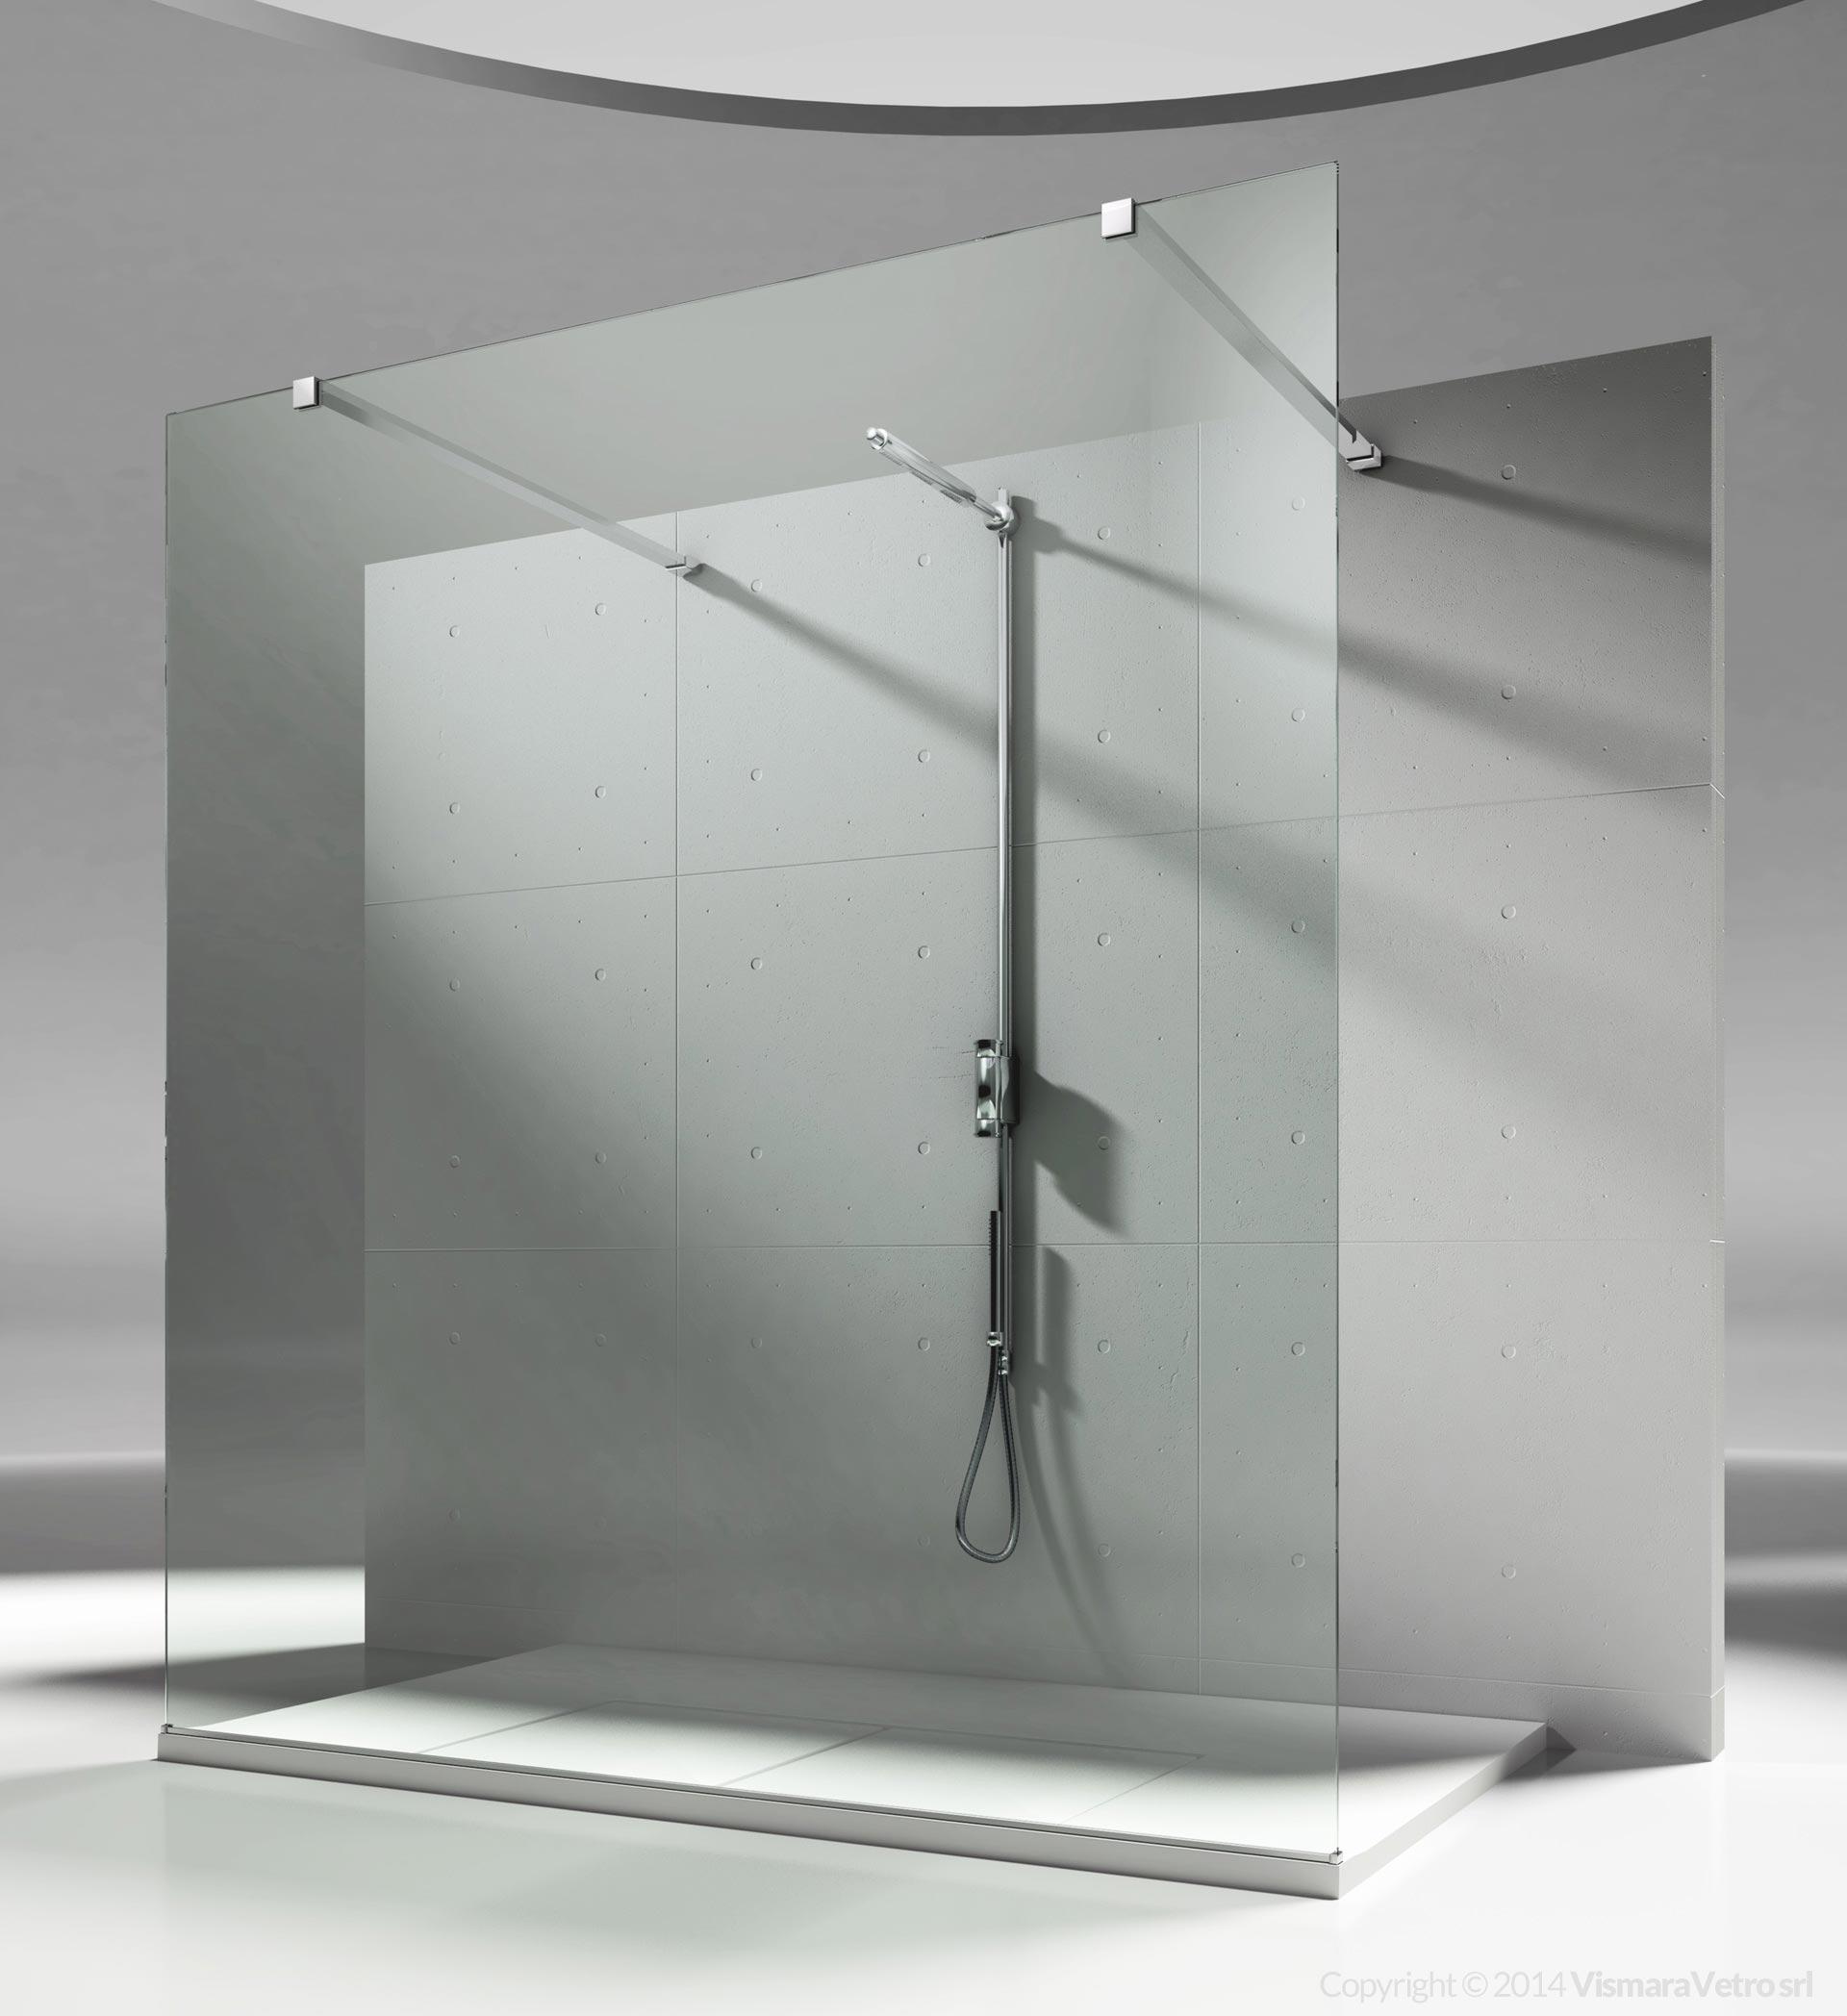 sb : sk-in modelli cabine doccia con fisso divisorio (walk in)